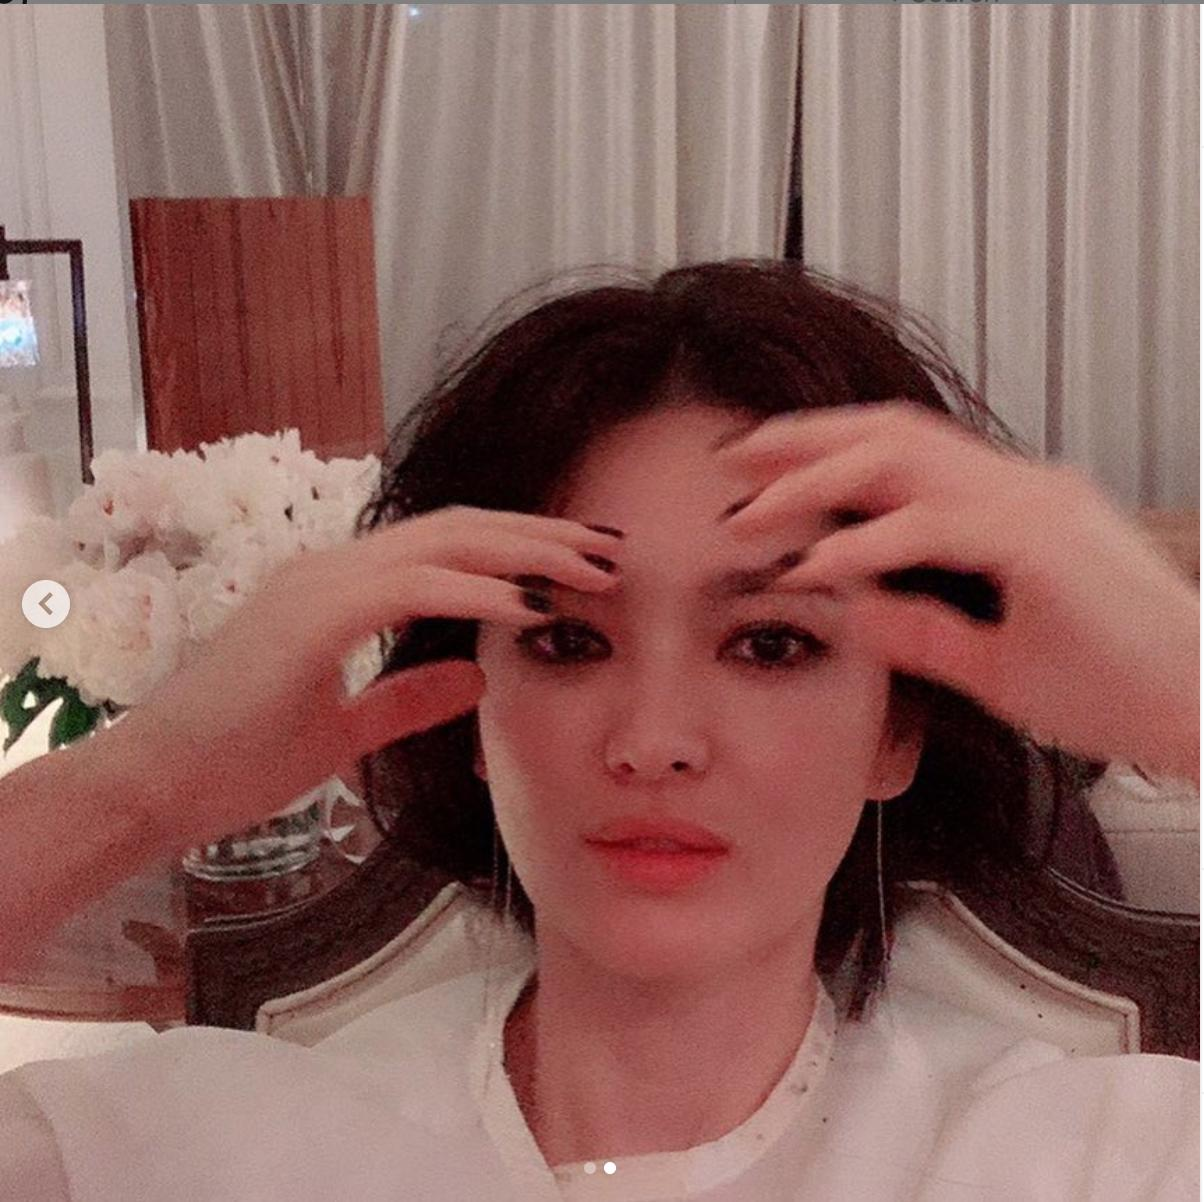 Hết hồn với hình ảnh đầu xù tóc rối của Song Hye Kyo-2